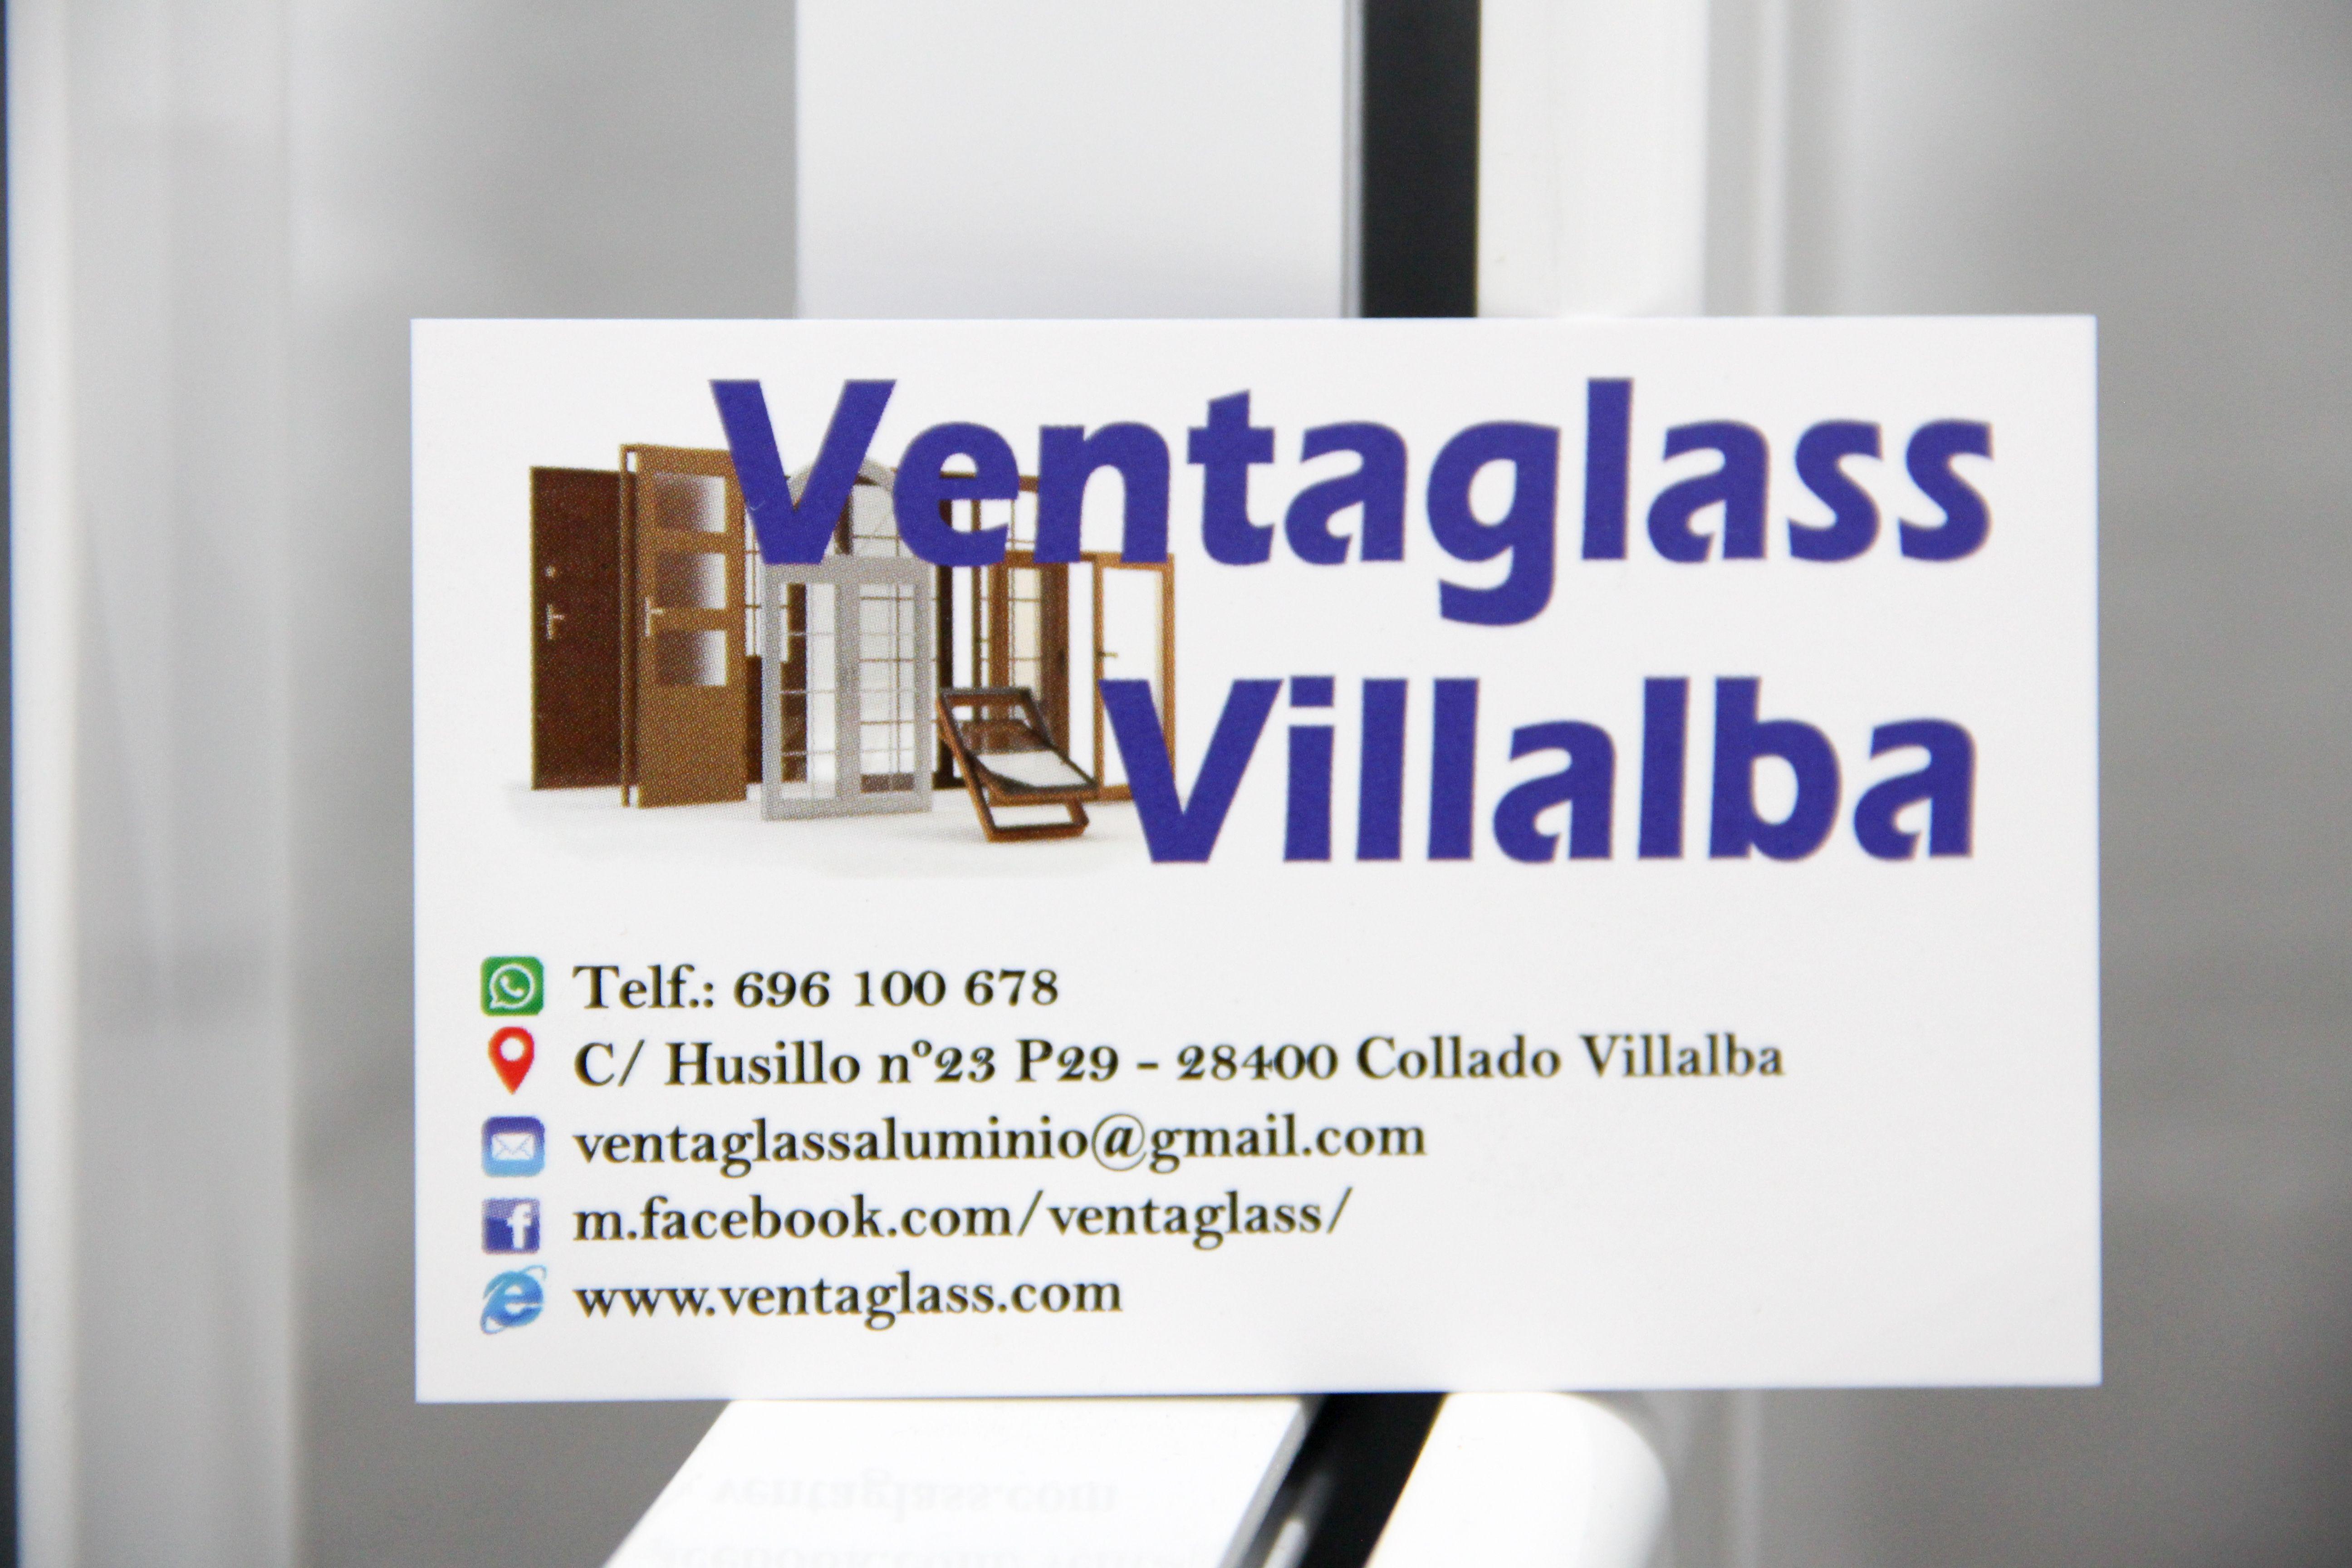 Tarjeta de visita Ventaglass Villalba